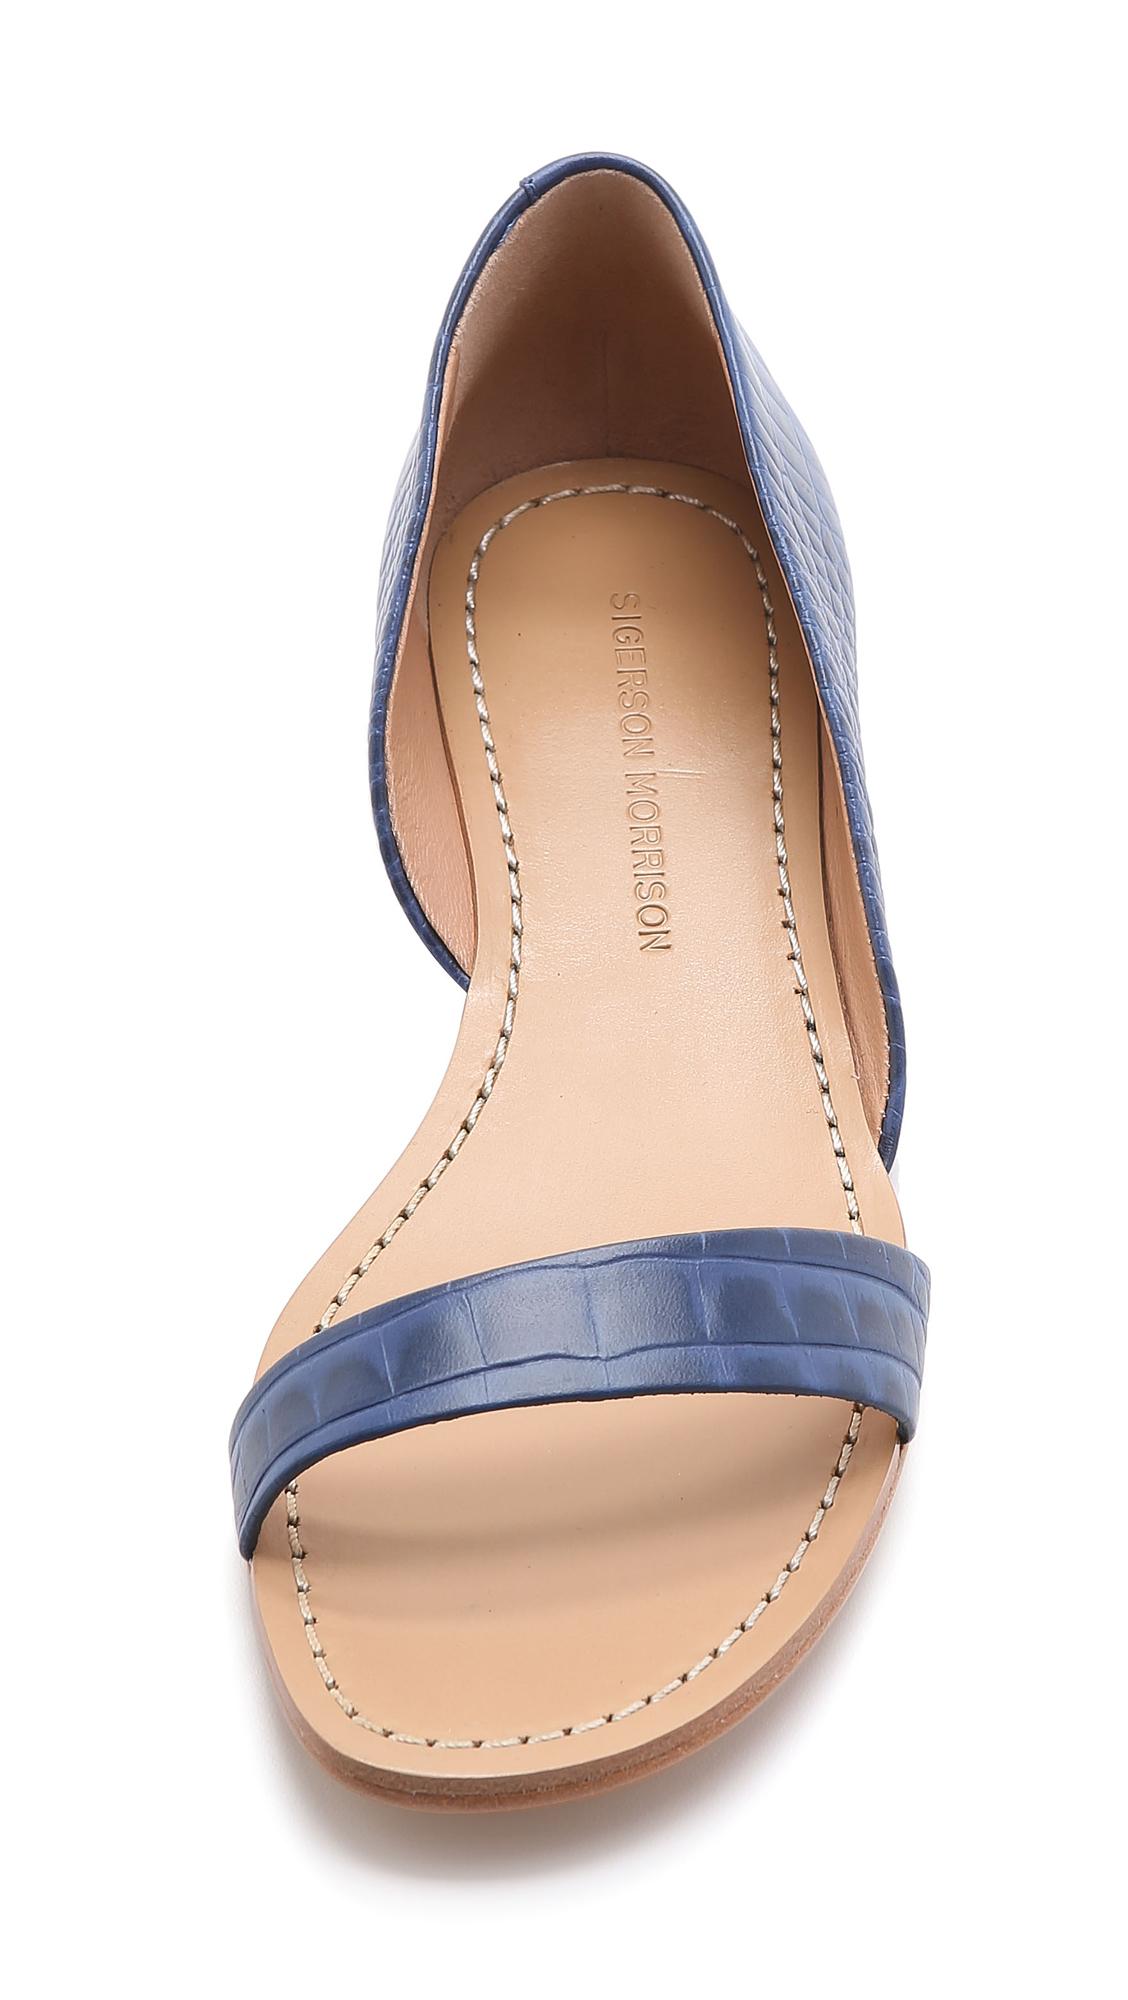 8e72288ec598 Sigerson Morrison Kameda Flat Sandals - Navy in Blue - Lyst